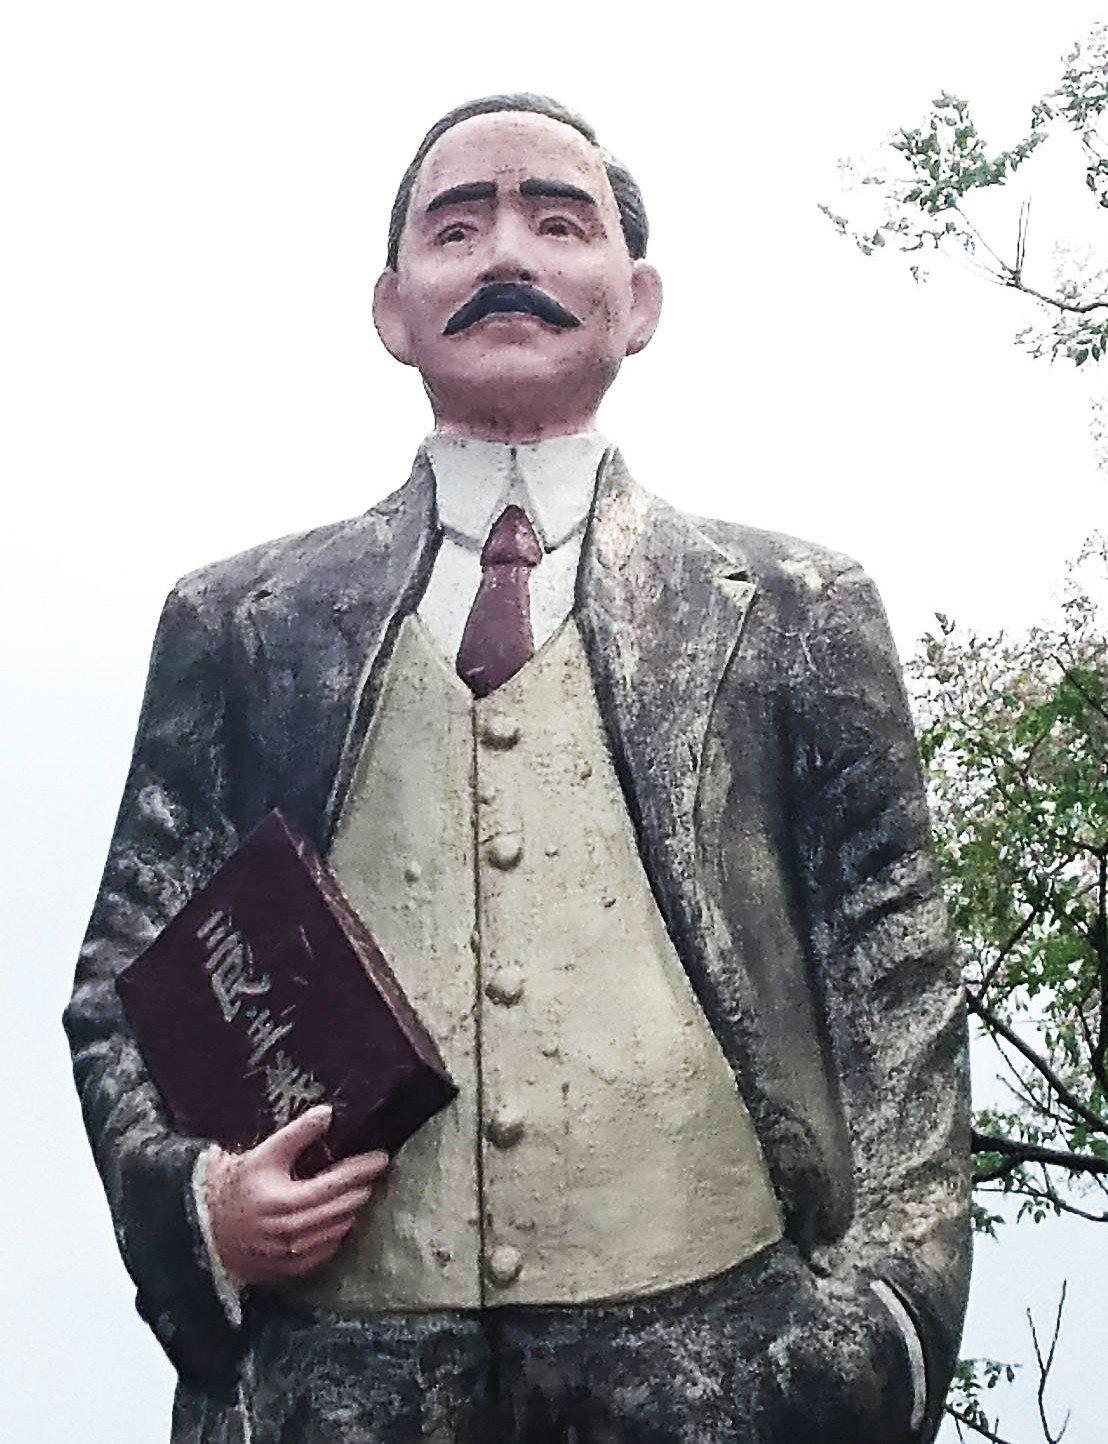 宜蘭縣蘇澳鎮馬賽國小就有一座台灣罕見的彩色版國父銅像,黑大衣搭配白襯衫、紅背心、...